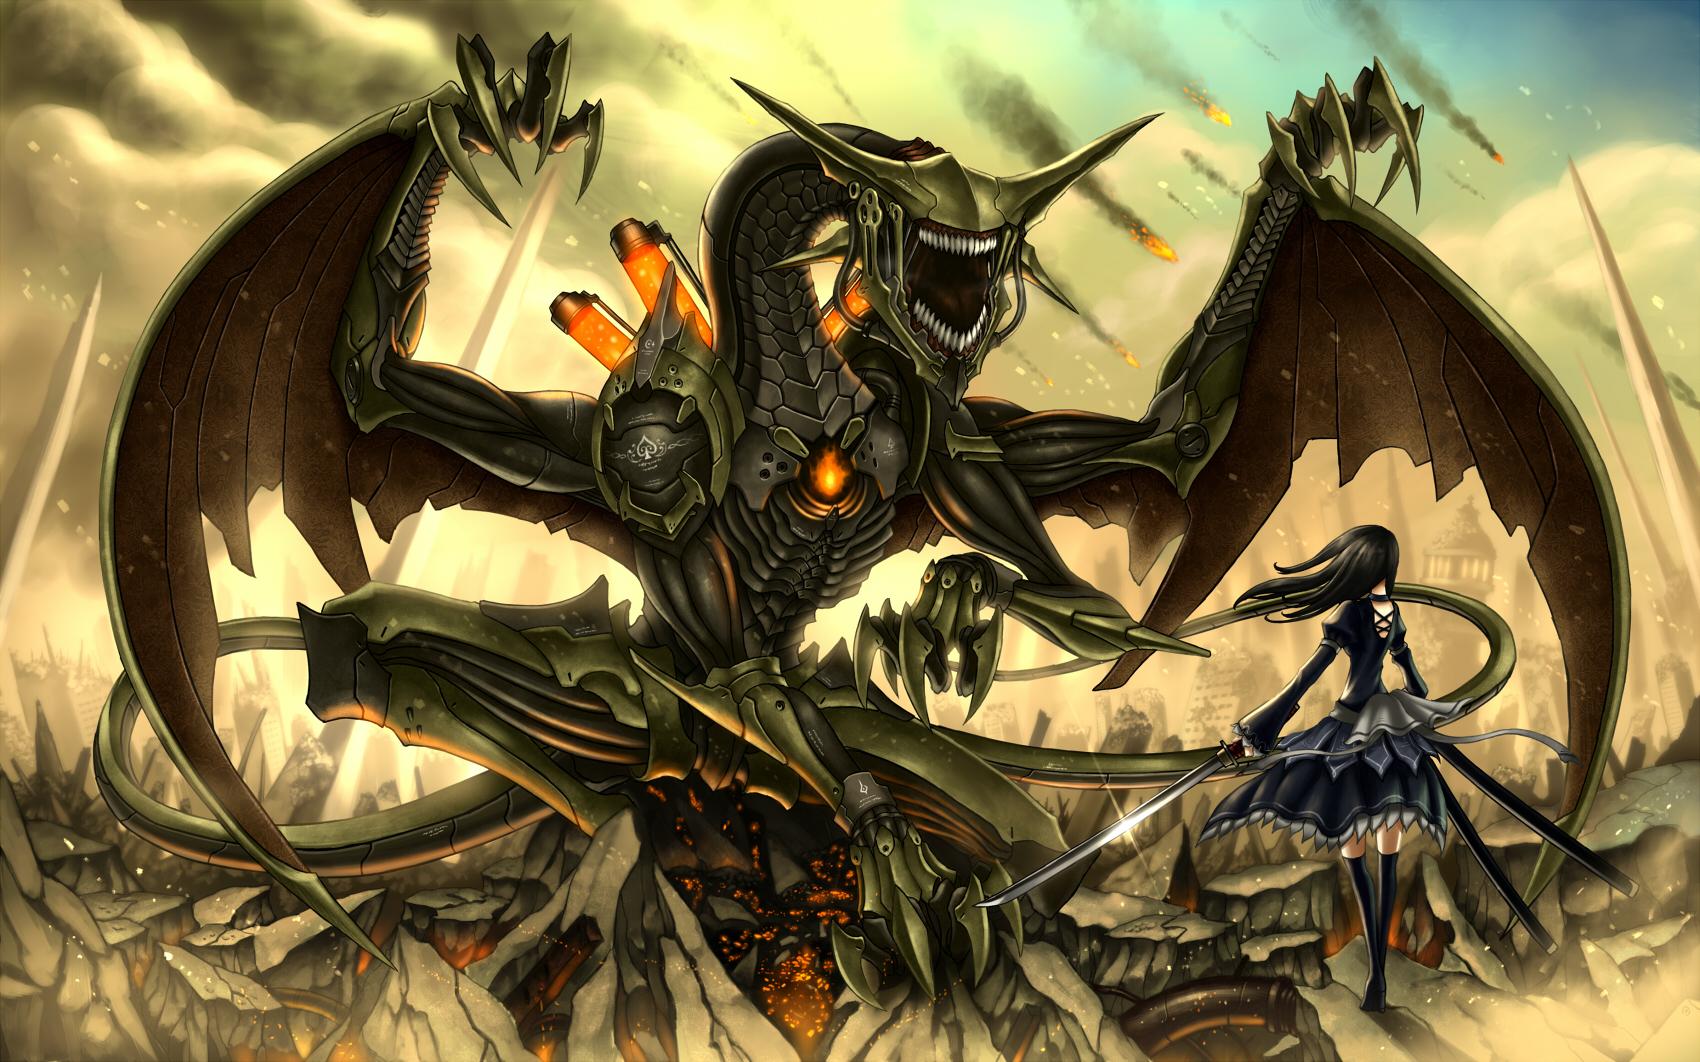 Gia Image 677849   Zerochan Anime Image Board 1700x1062